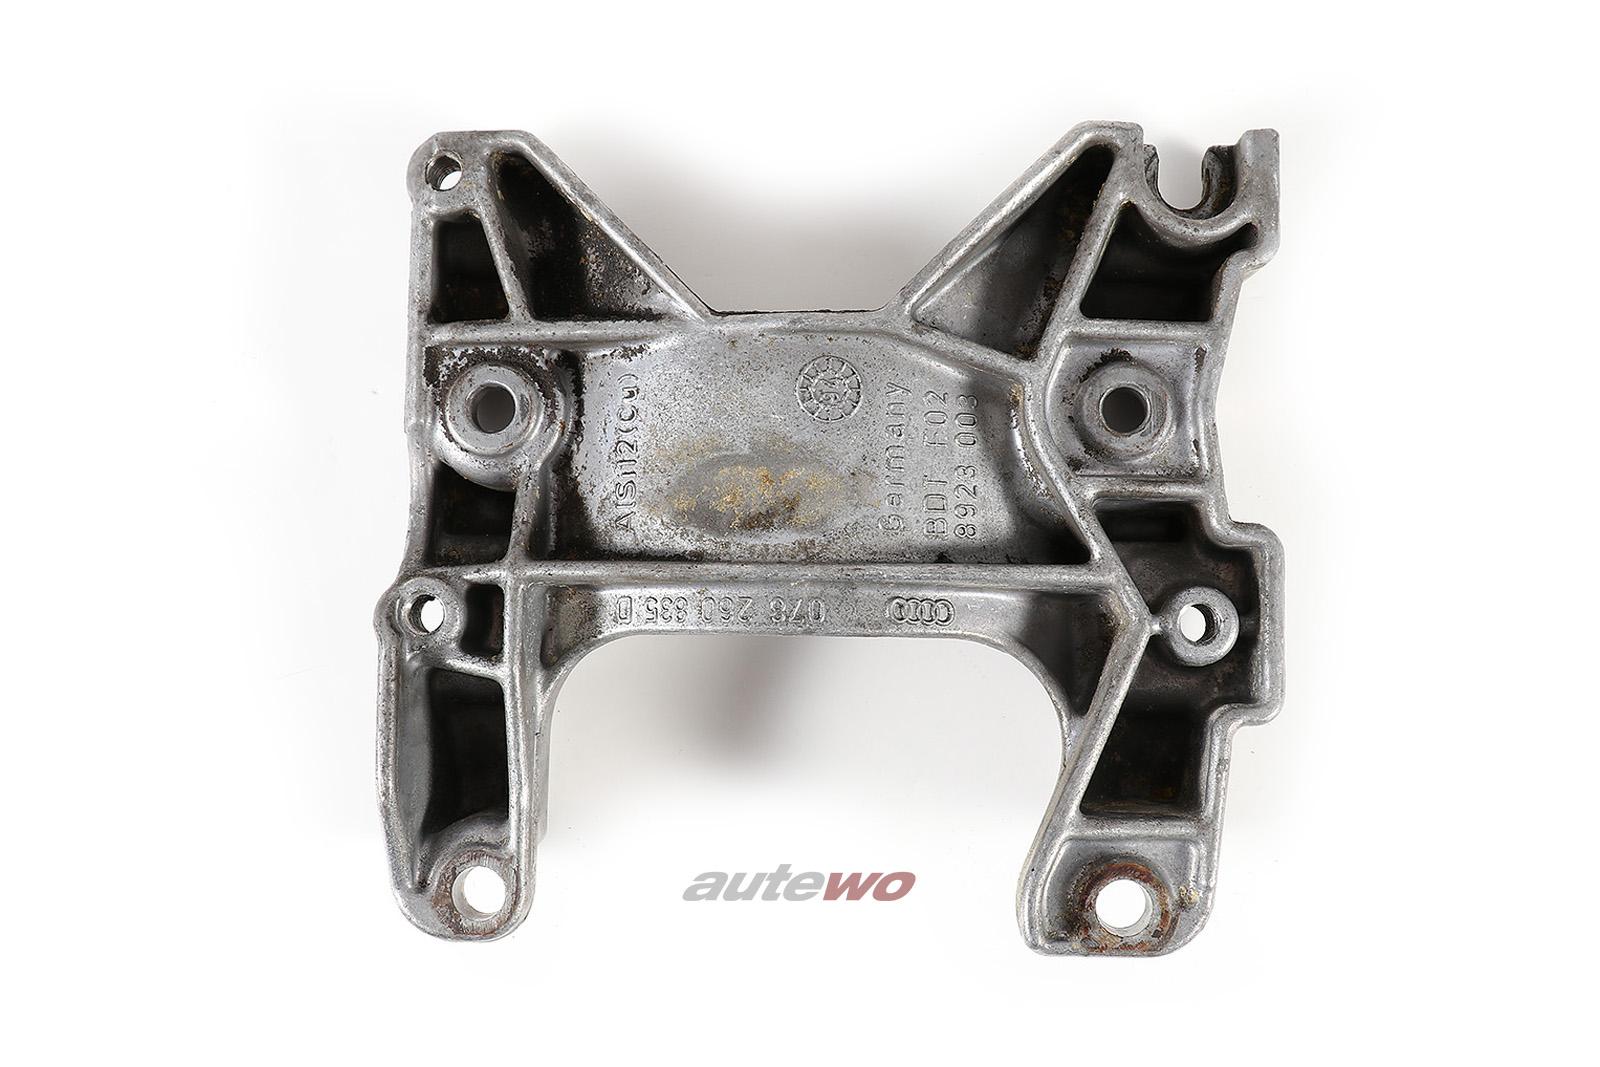 Audi 80/100/A4/A6/A8 2.6-2.8l Halter Klima-Kompressor 078260835D